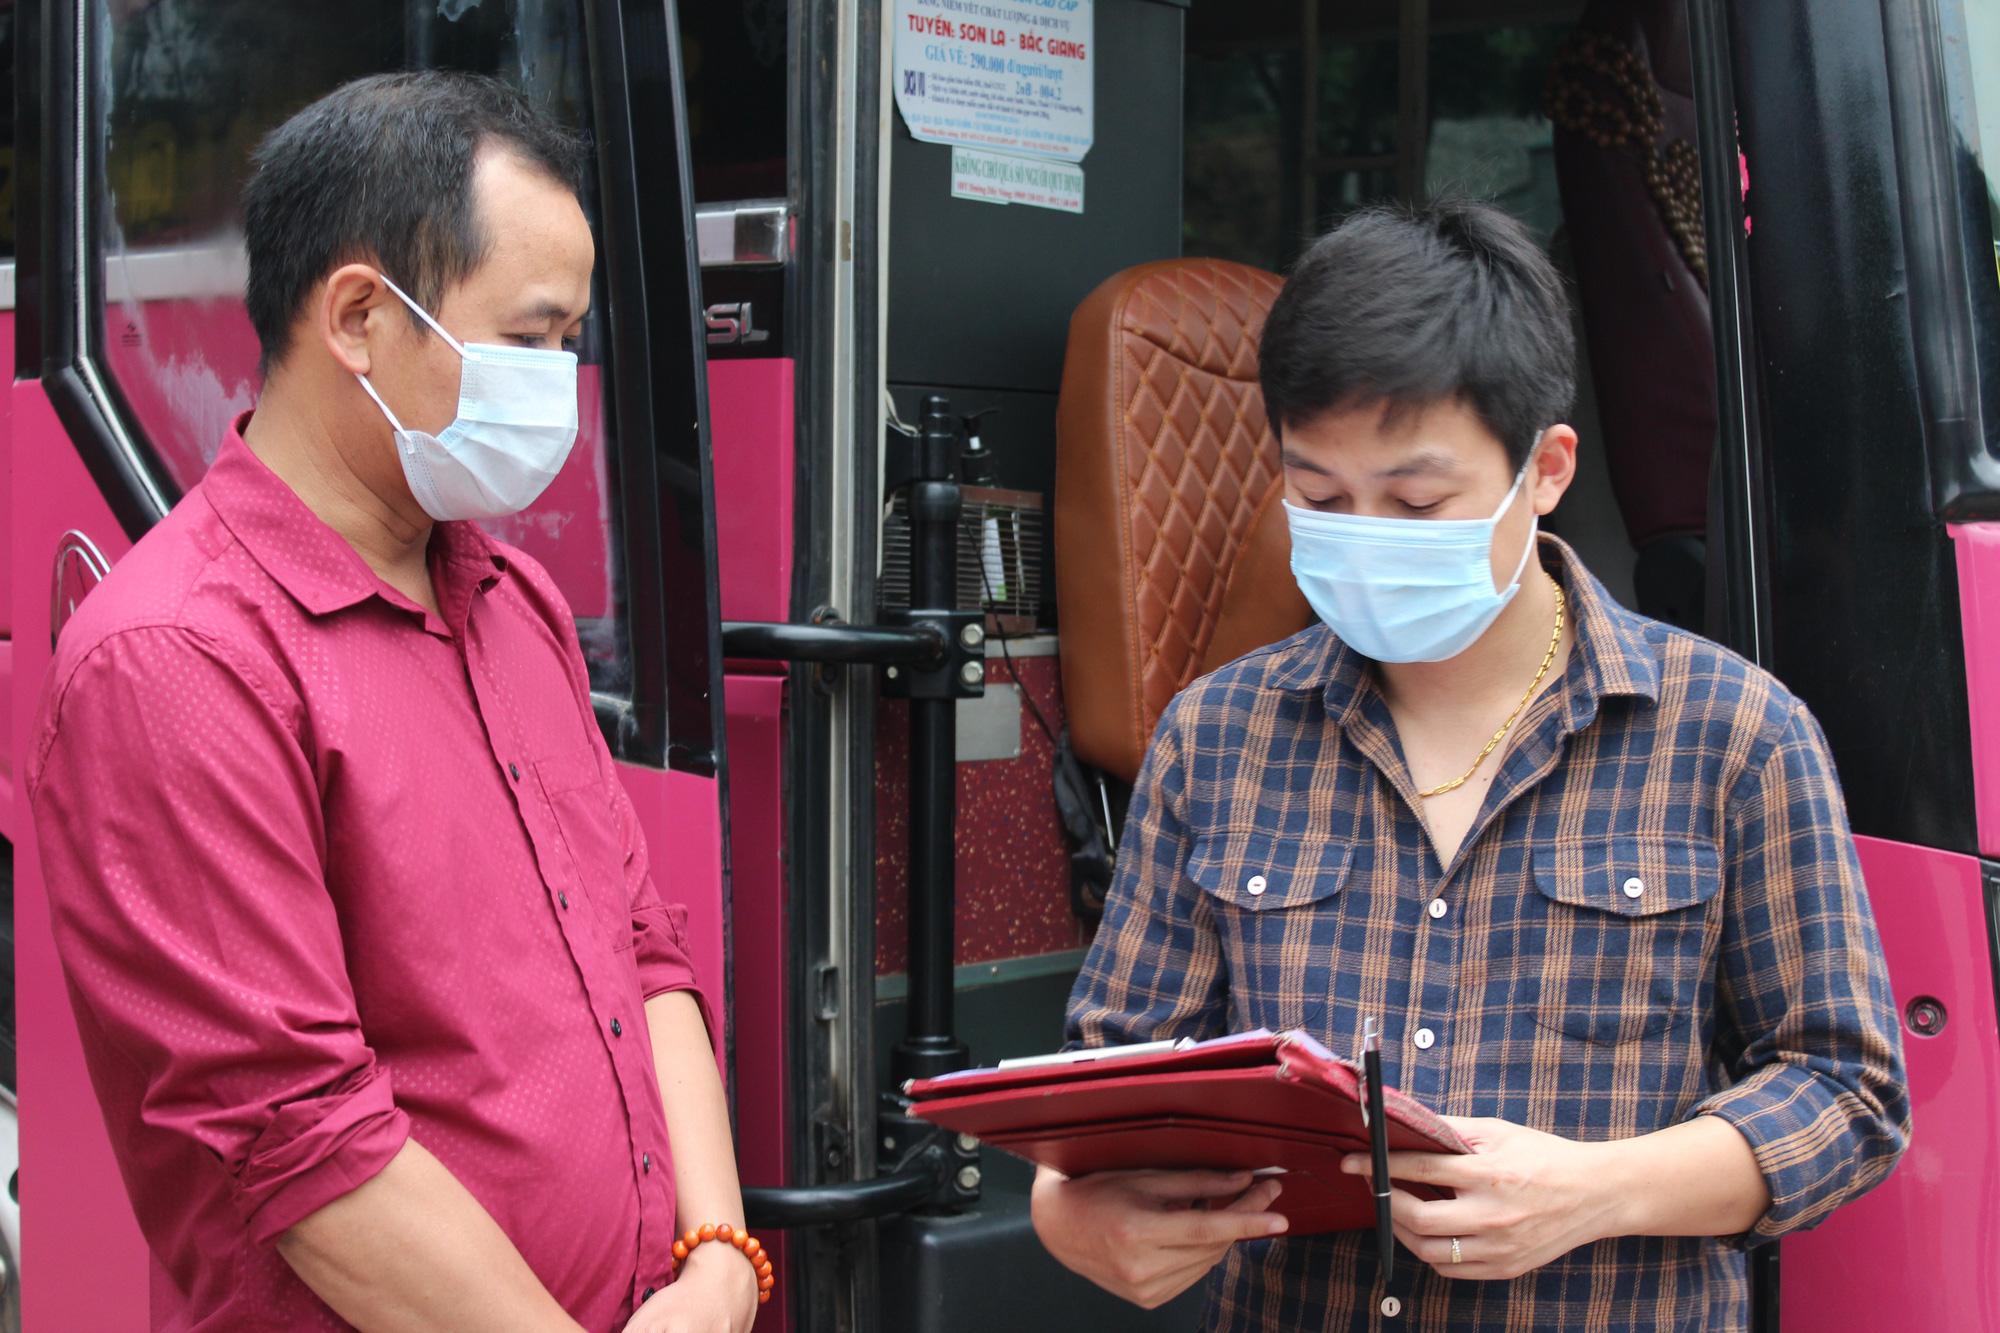 Hoạt động trở lại 50% số chuyến vận tải hành khách tuyến Lai Châu - Hà Nội - Ảnh 1.